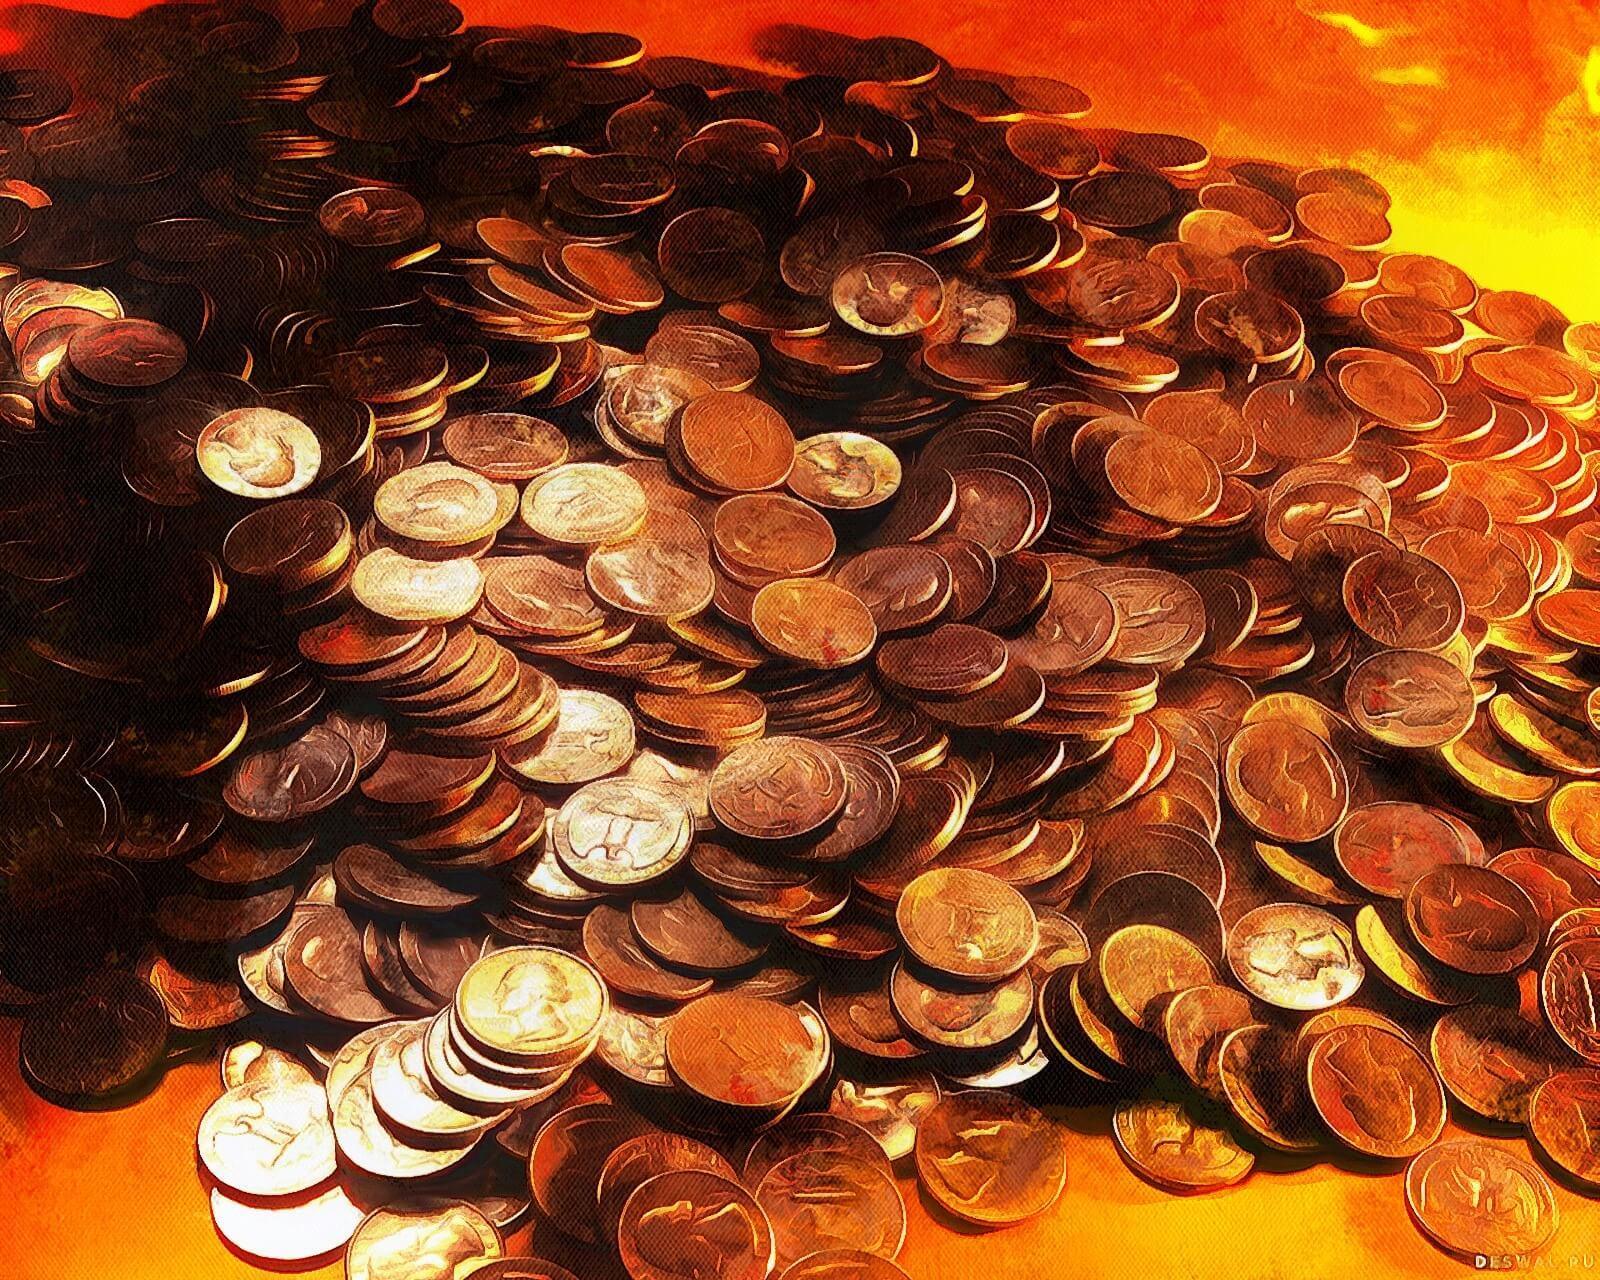 Может ли банк проверить справку 2-НДФЛ и какие проблемы могут возникнуть?